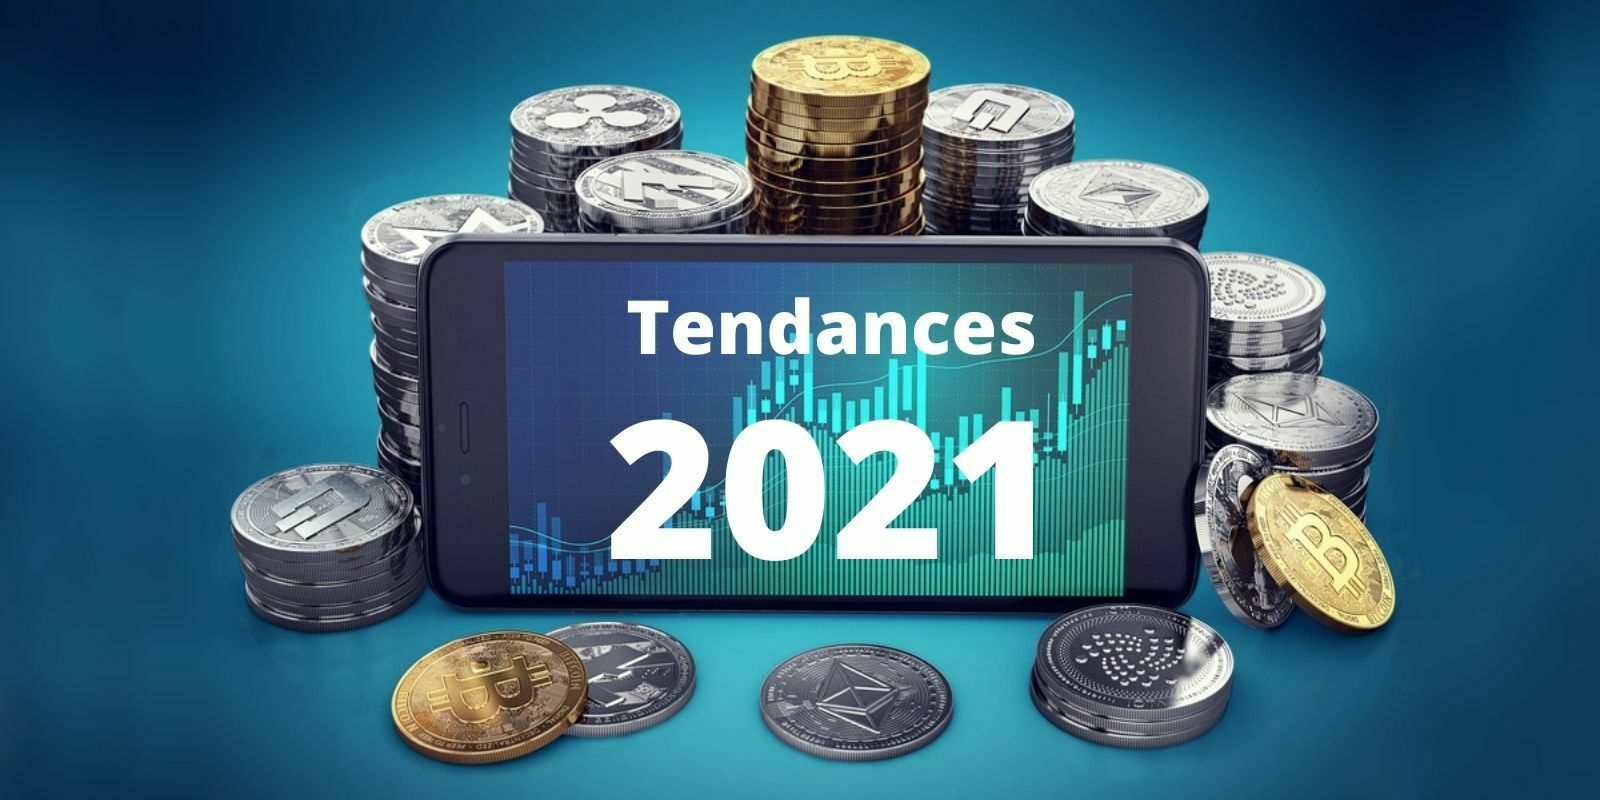 Cryptomonnaies: 5 tendances à surveiller en 2021